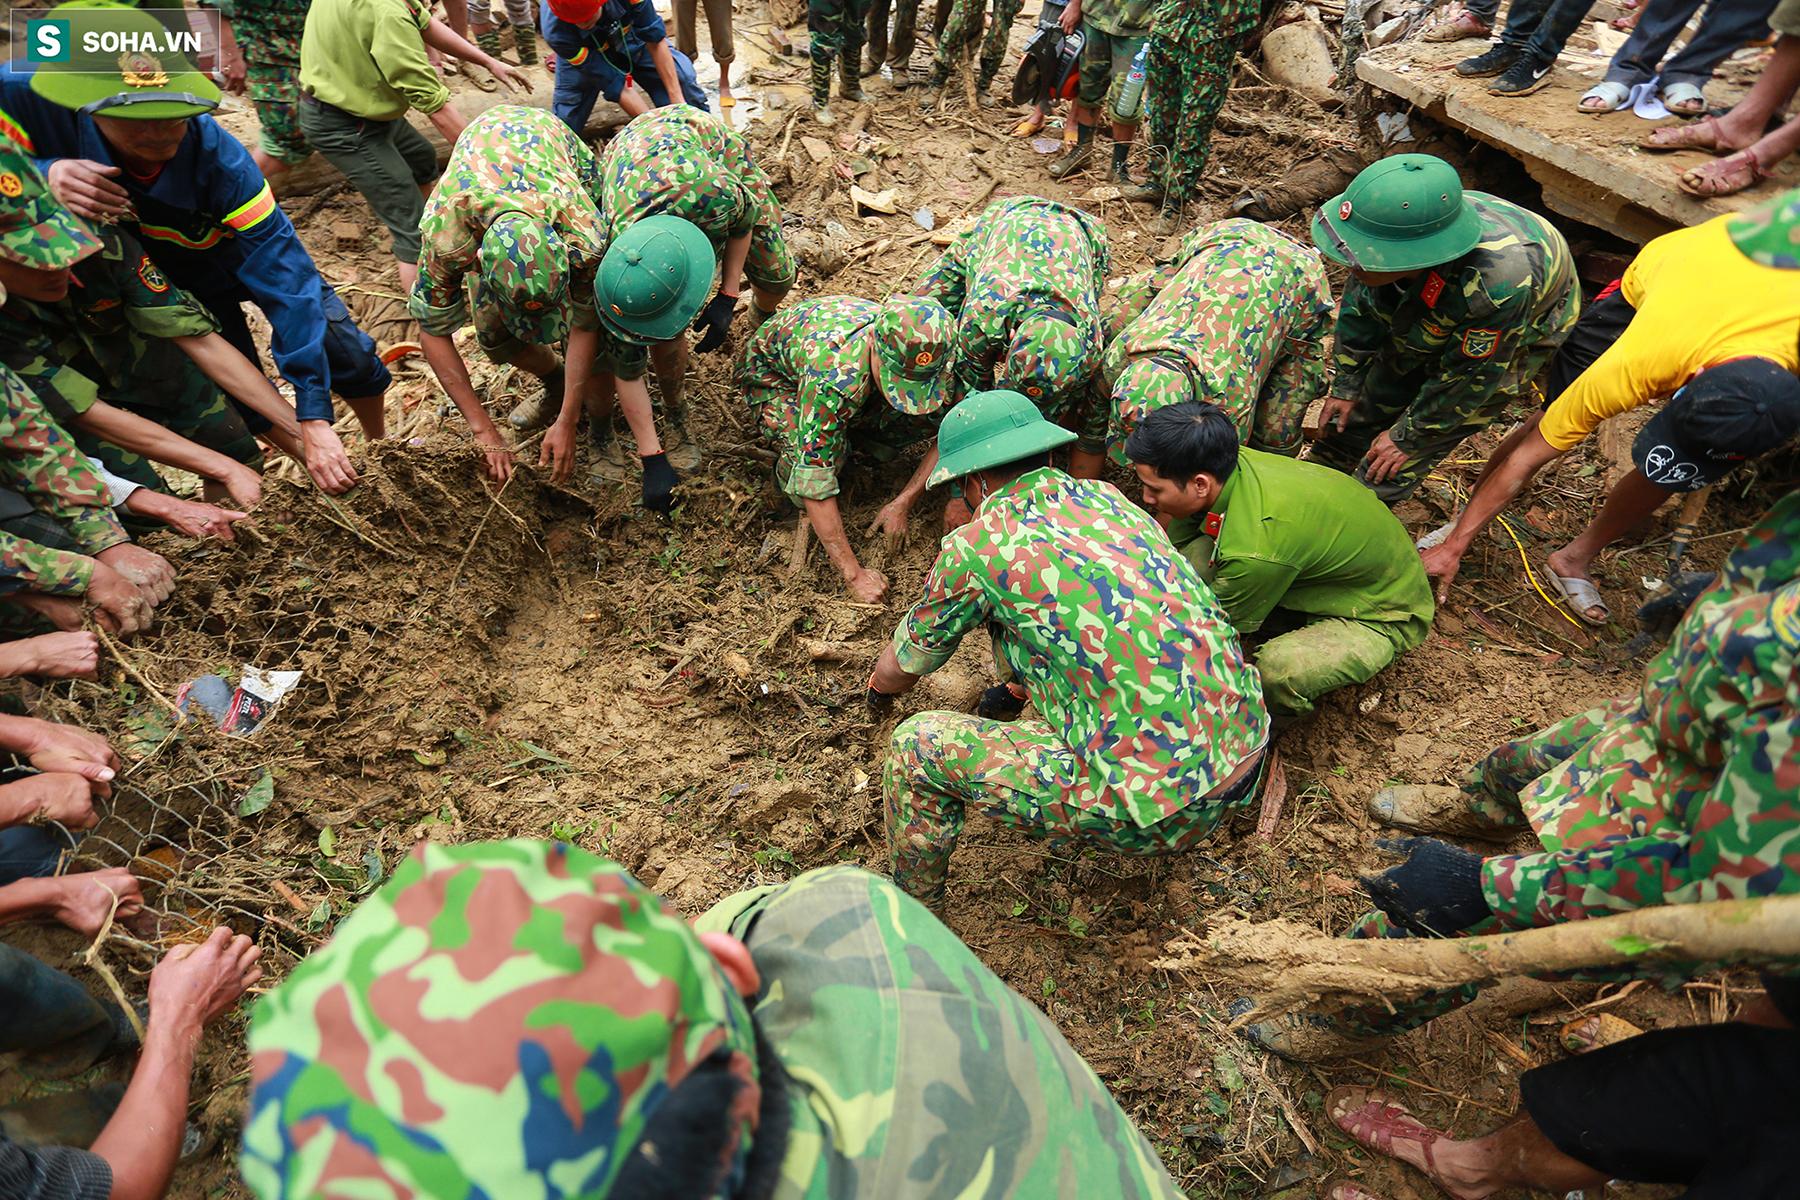 [Ảnh] Dân làng khóc nghẹn khi tìm thấy bé trai 10 tháng tuổi dưới lớp bùn đất vụ sạt lở ở Trà Leng - Ảnh 6